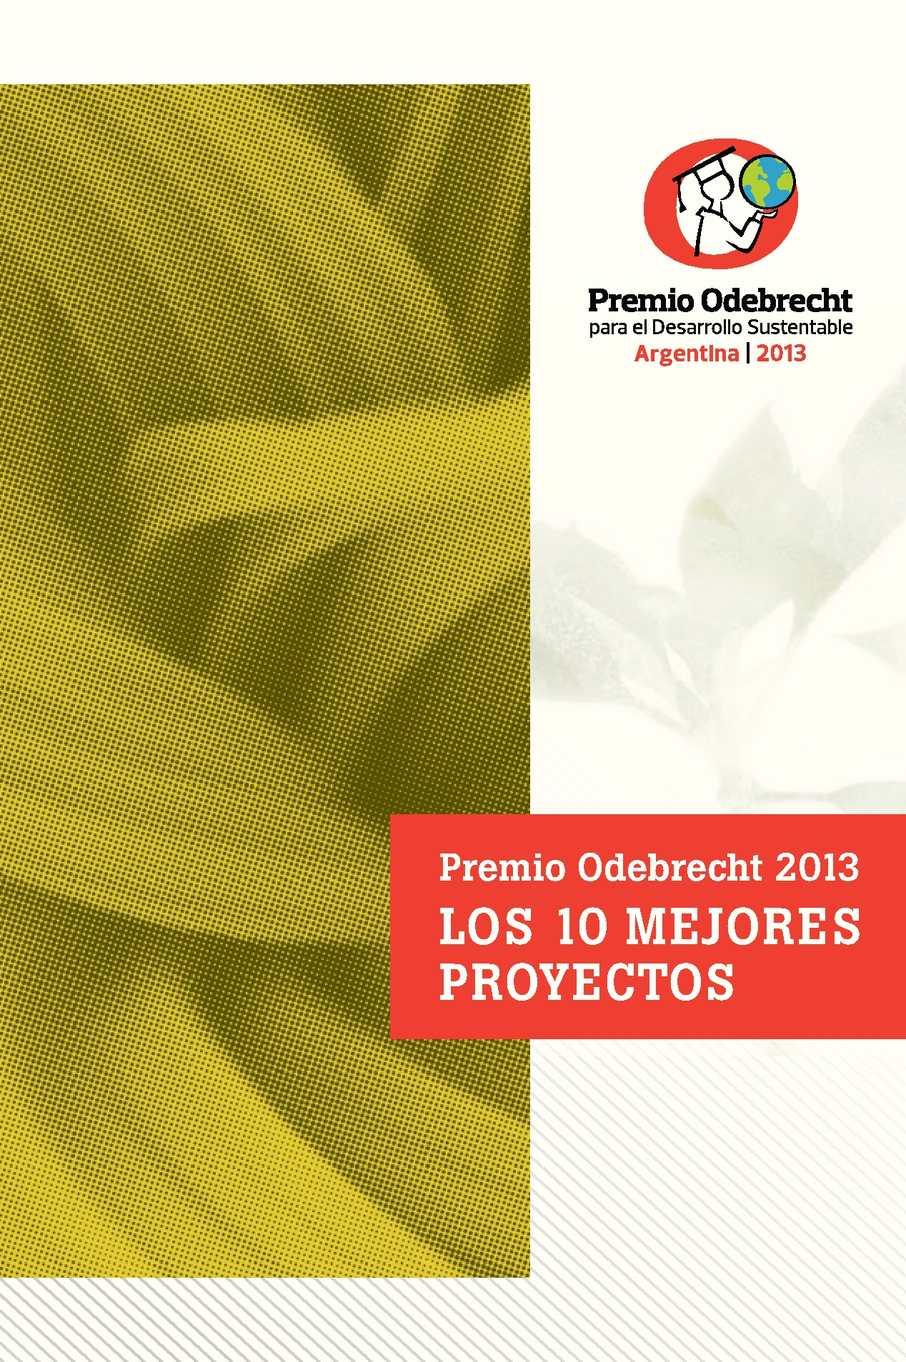 Los 10 mejores proyectos del Premio Odebrecht 2013